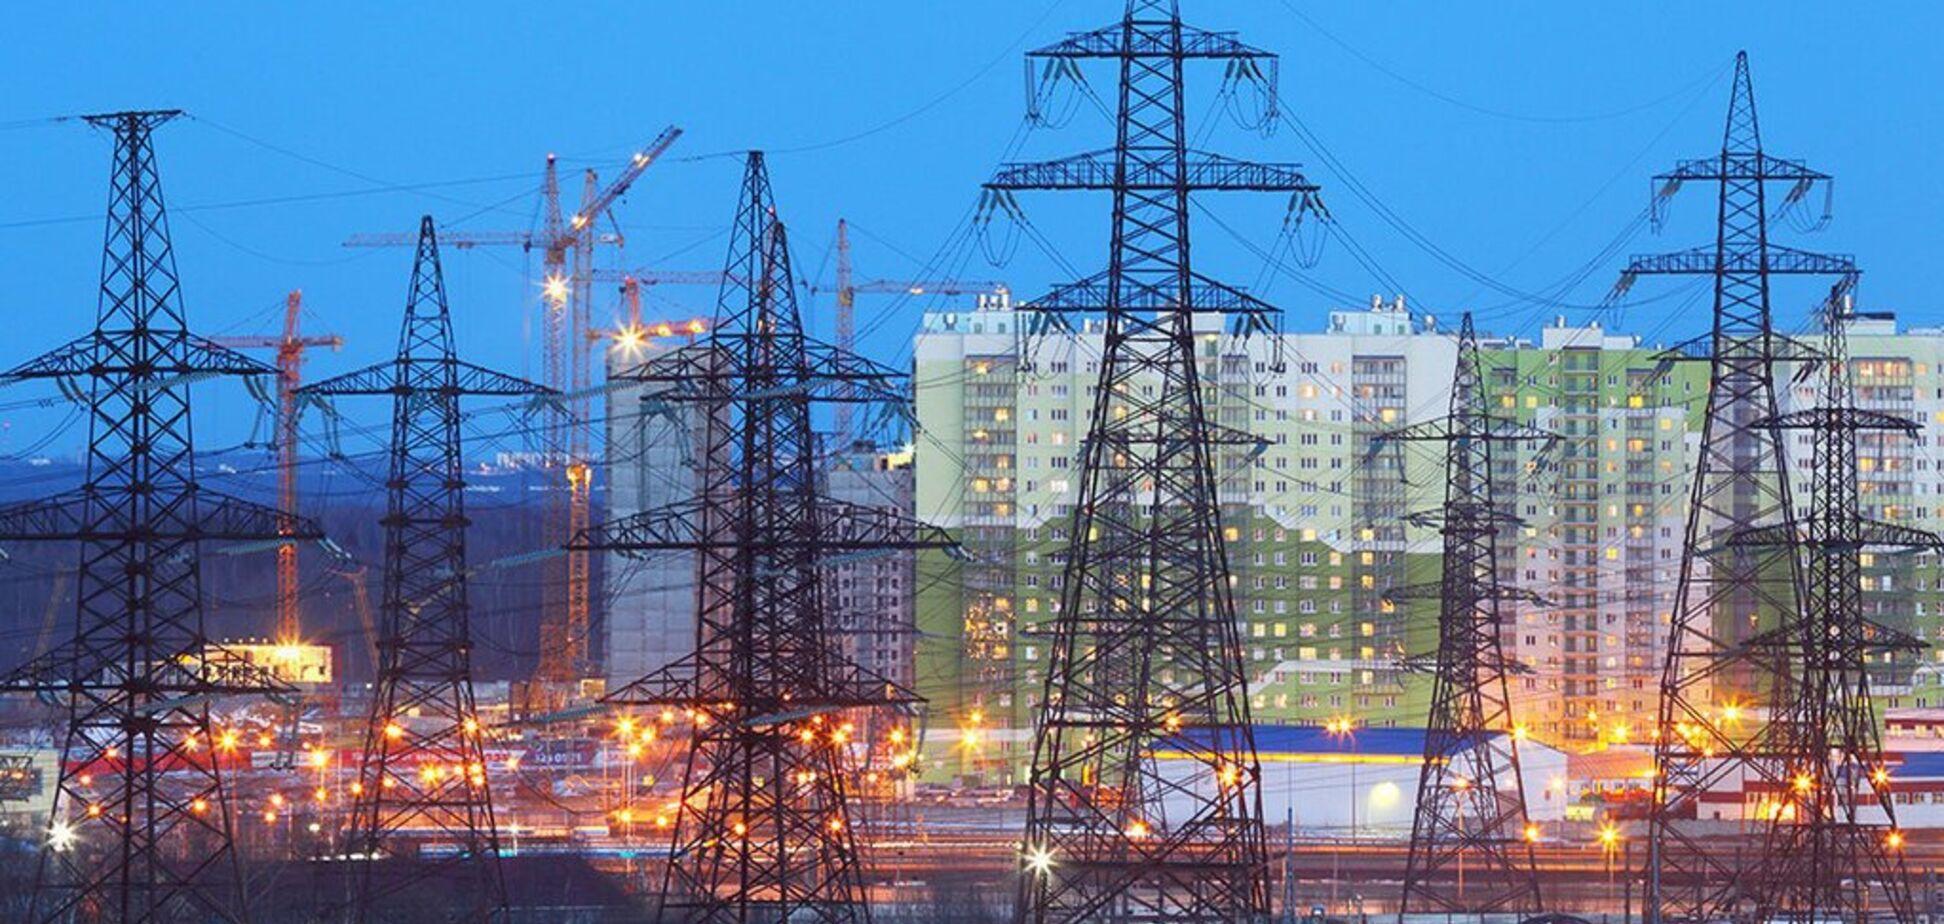 Прем'єр не помічає імпорту електроенергії з РФ, вважає – є лише технічні перетоки